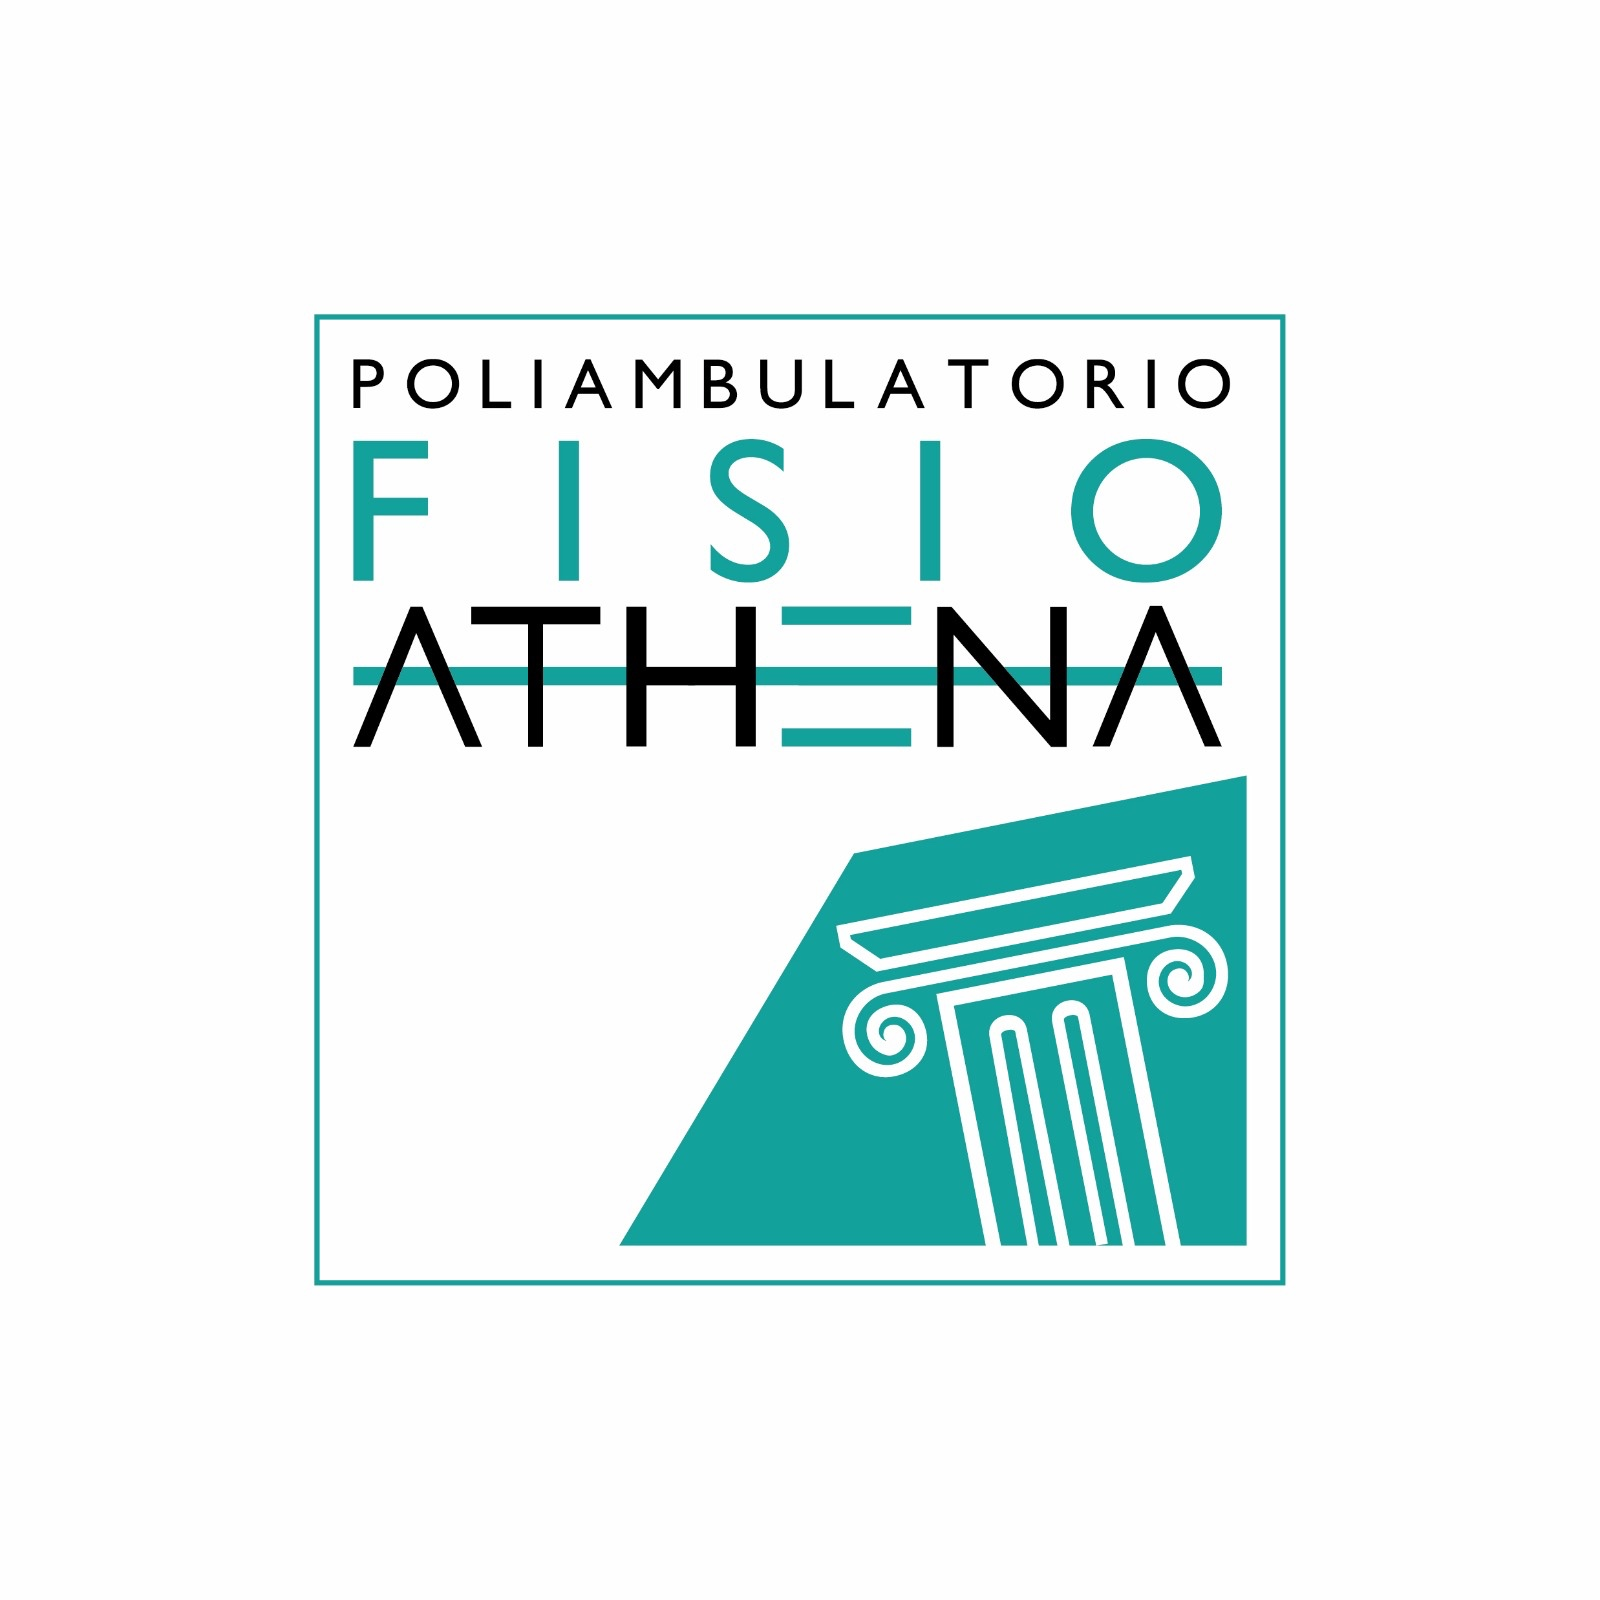 logo Fisioathena S.r.l. di Setti Matteo e Lucio Attardi